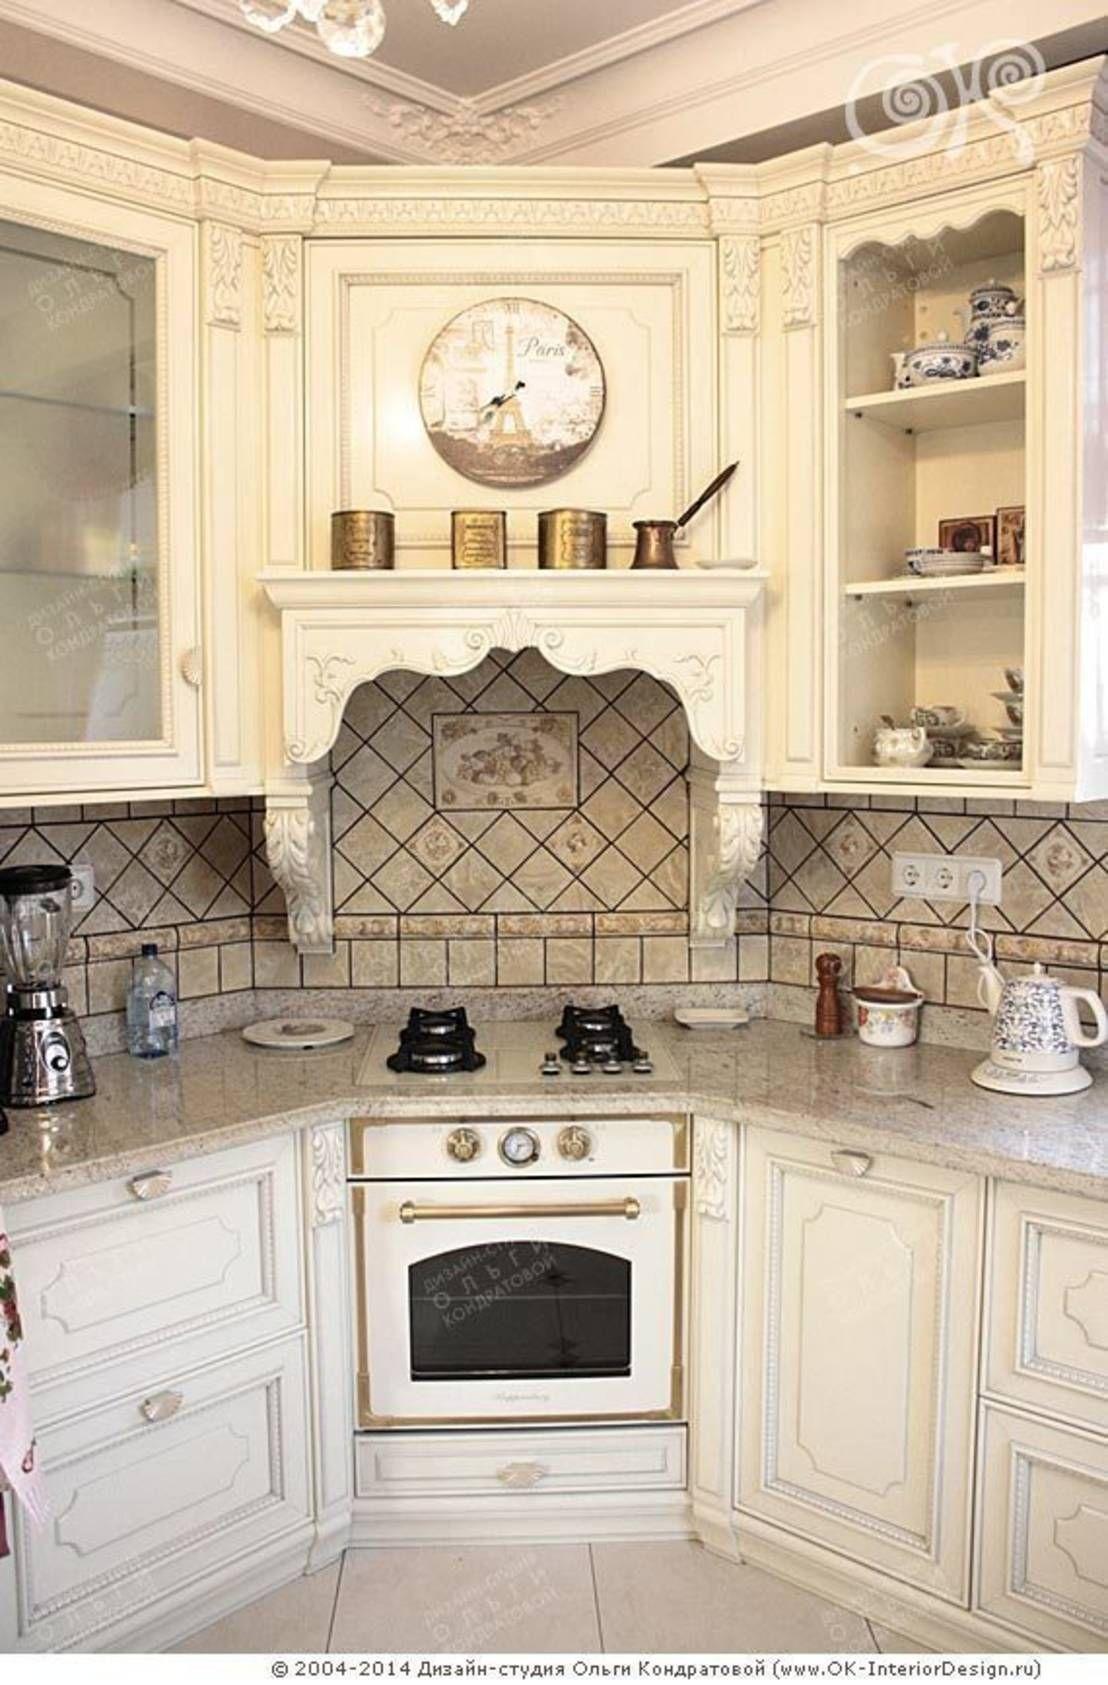 C mo elegir los azulejos para tu cocina 8 tips - Como elegir cocina ...